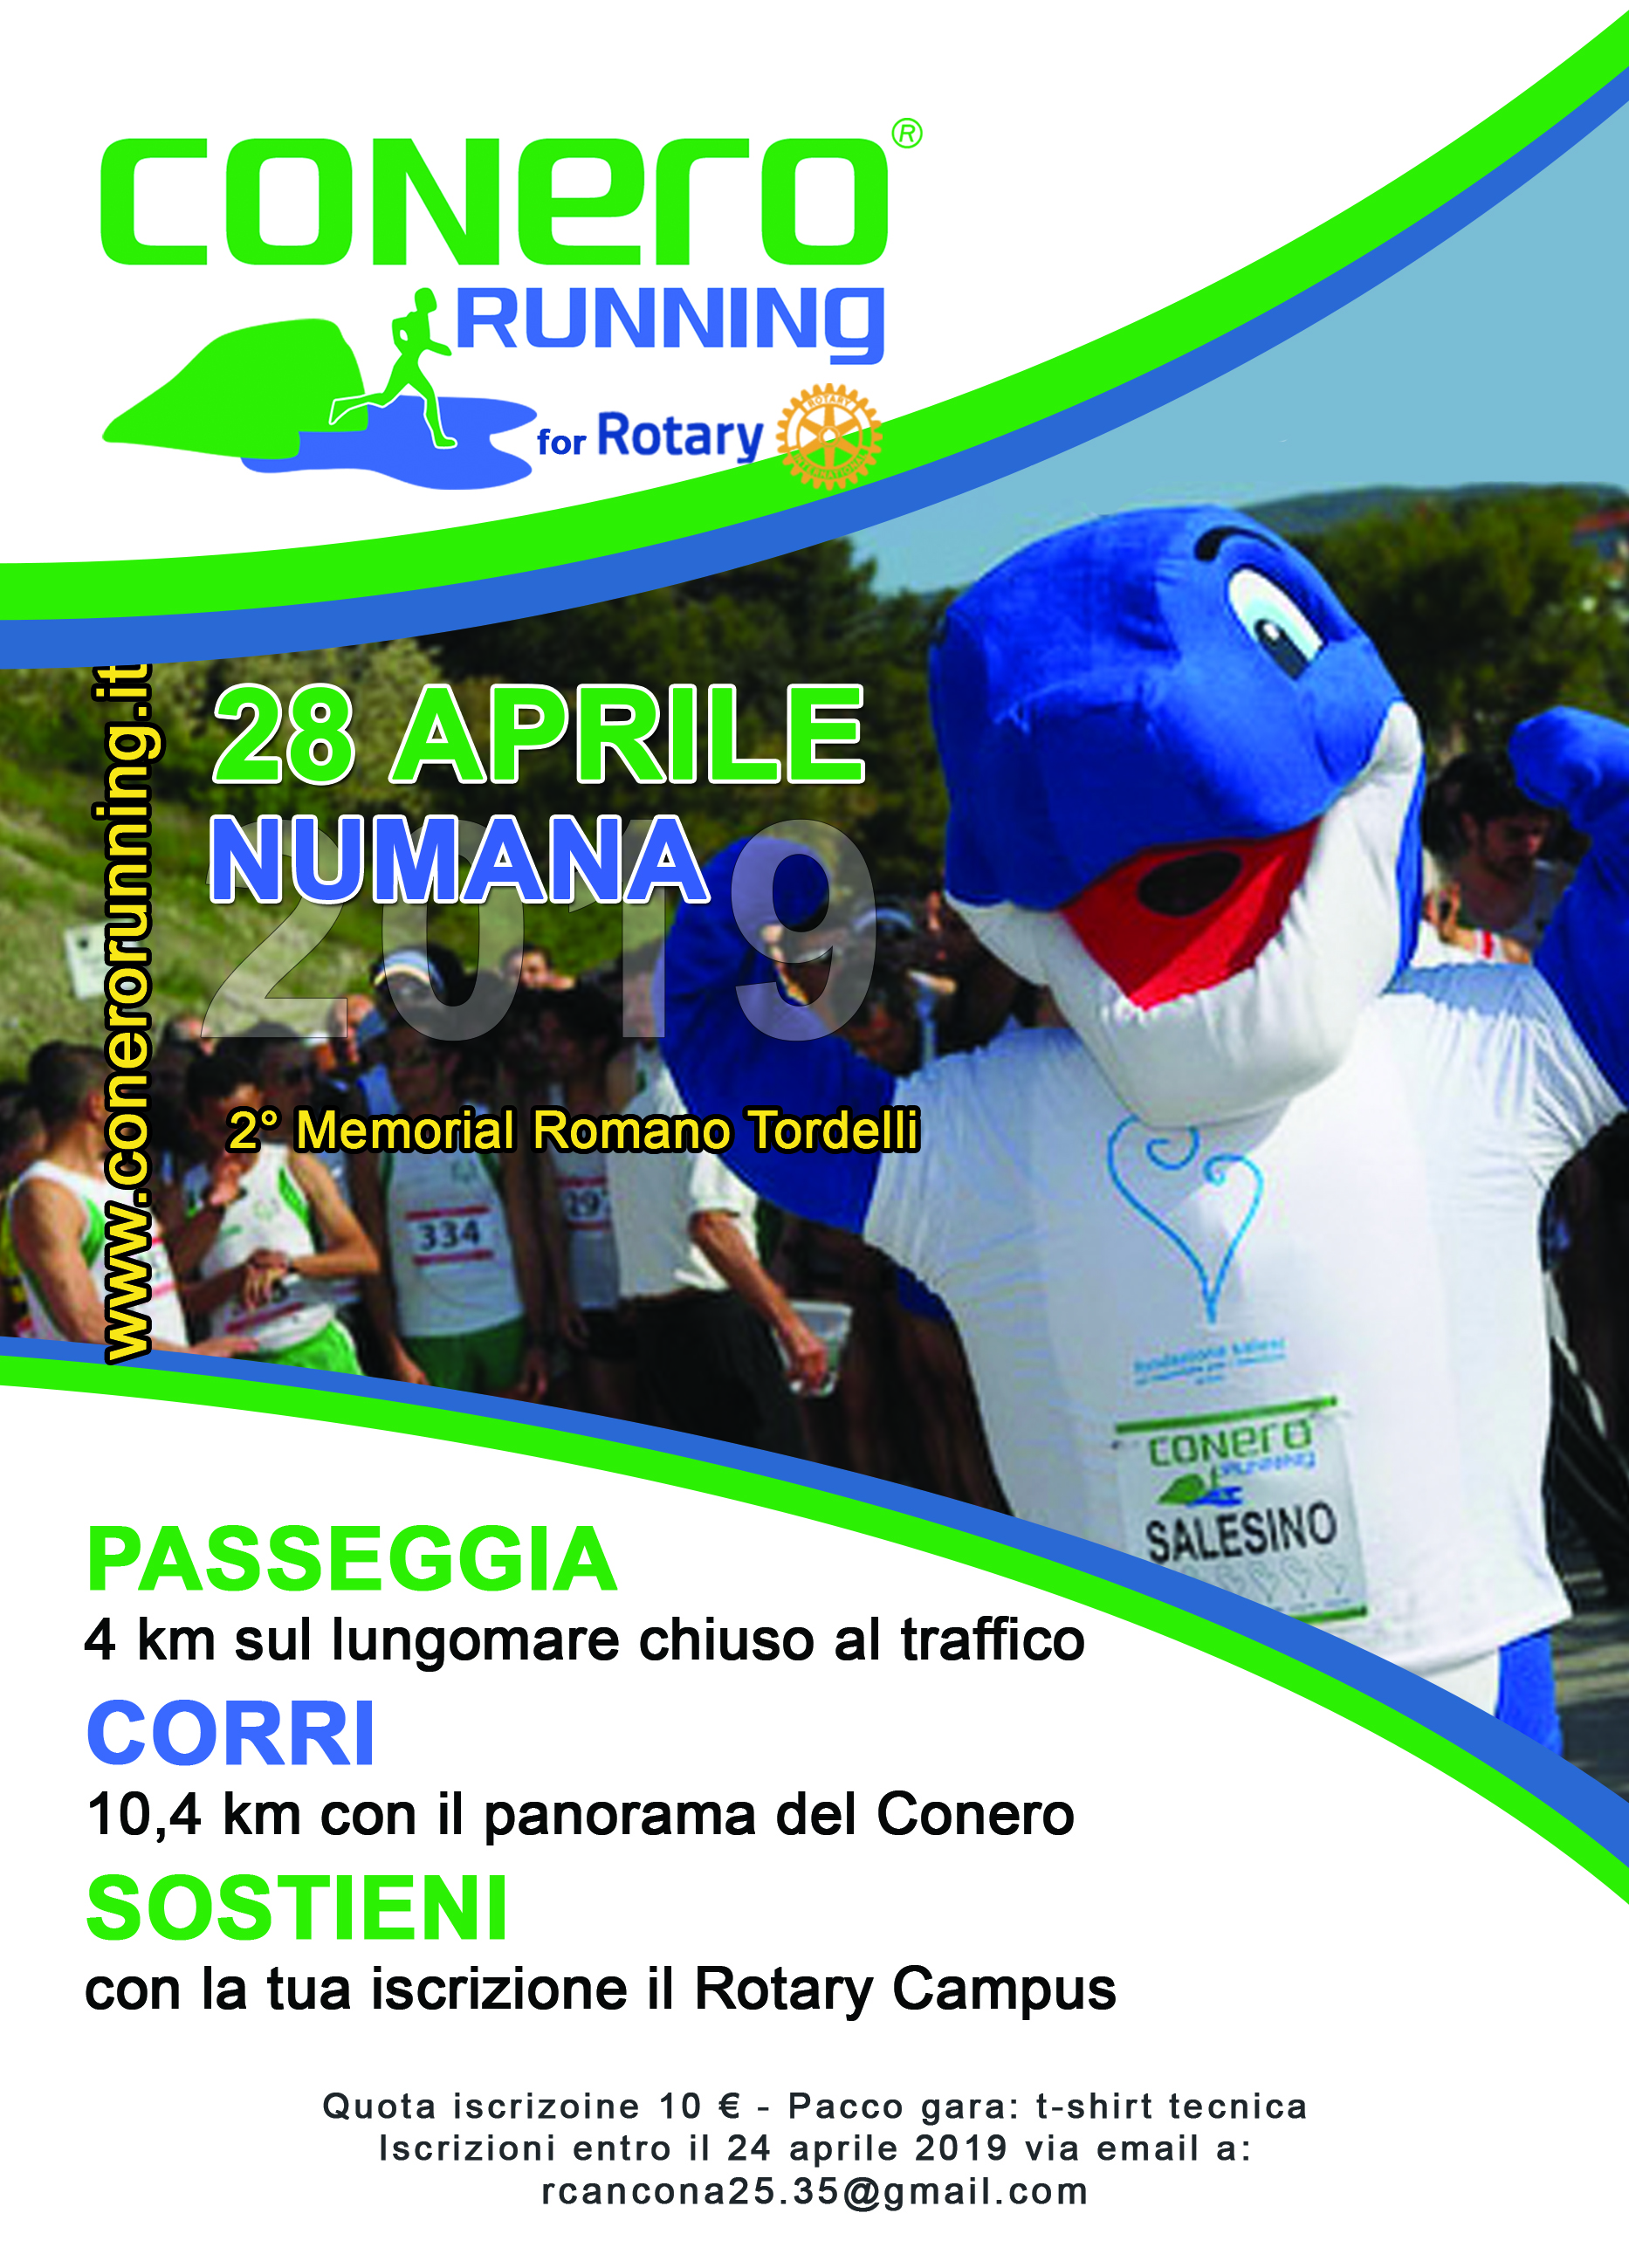 Miniatura per l'articolo intitolato:Conero Running for Rotary